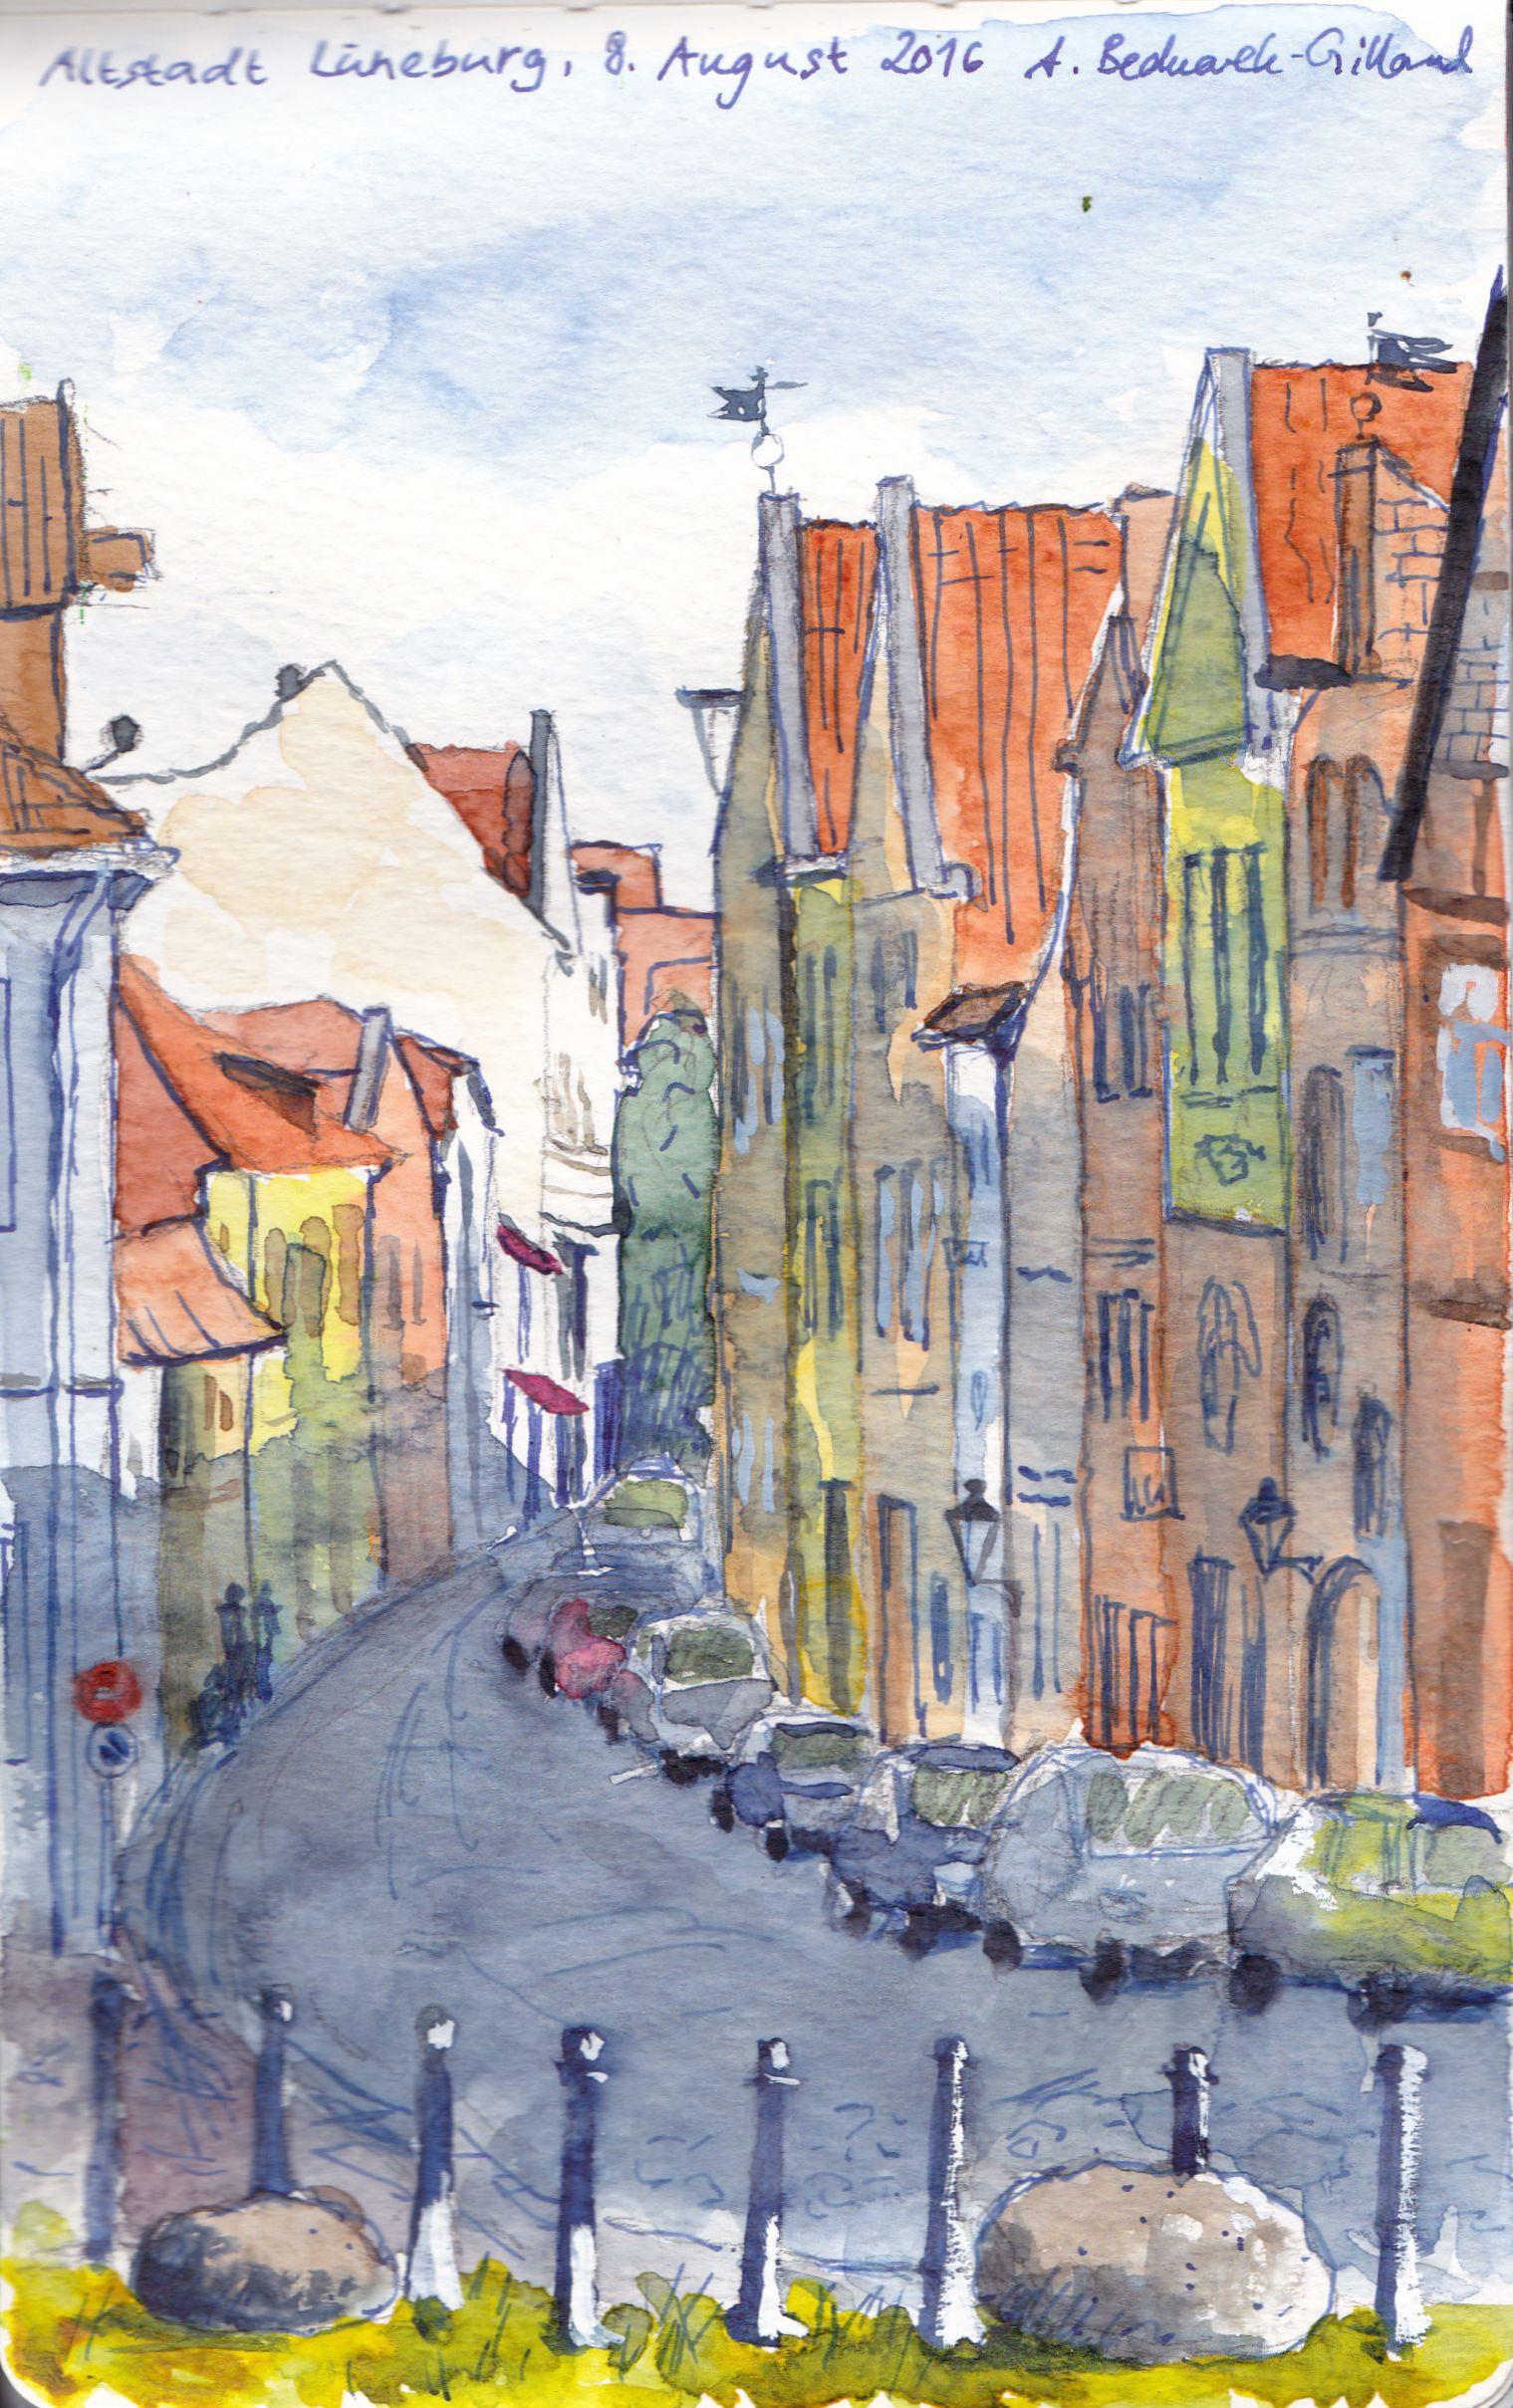 Old town | Altstadt